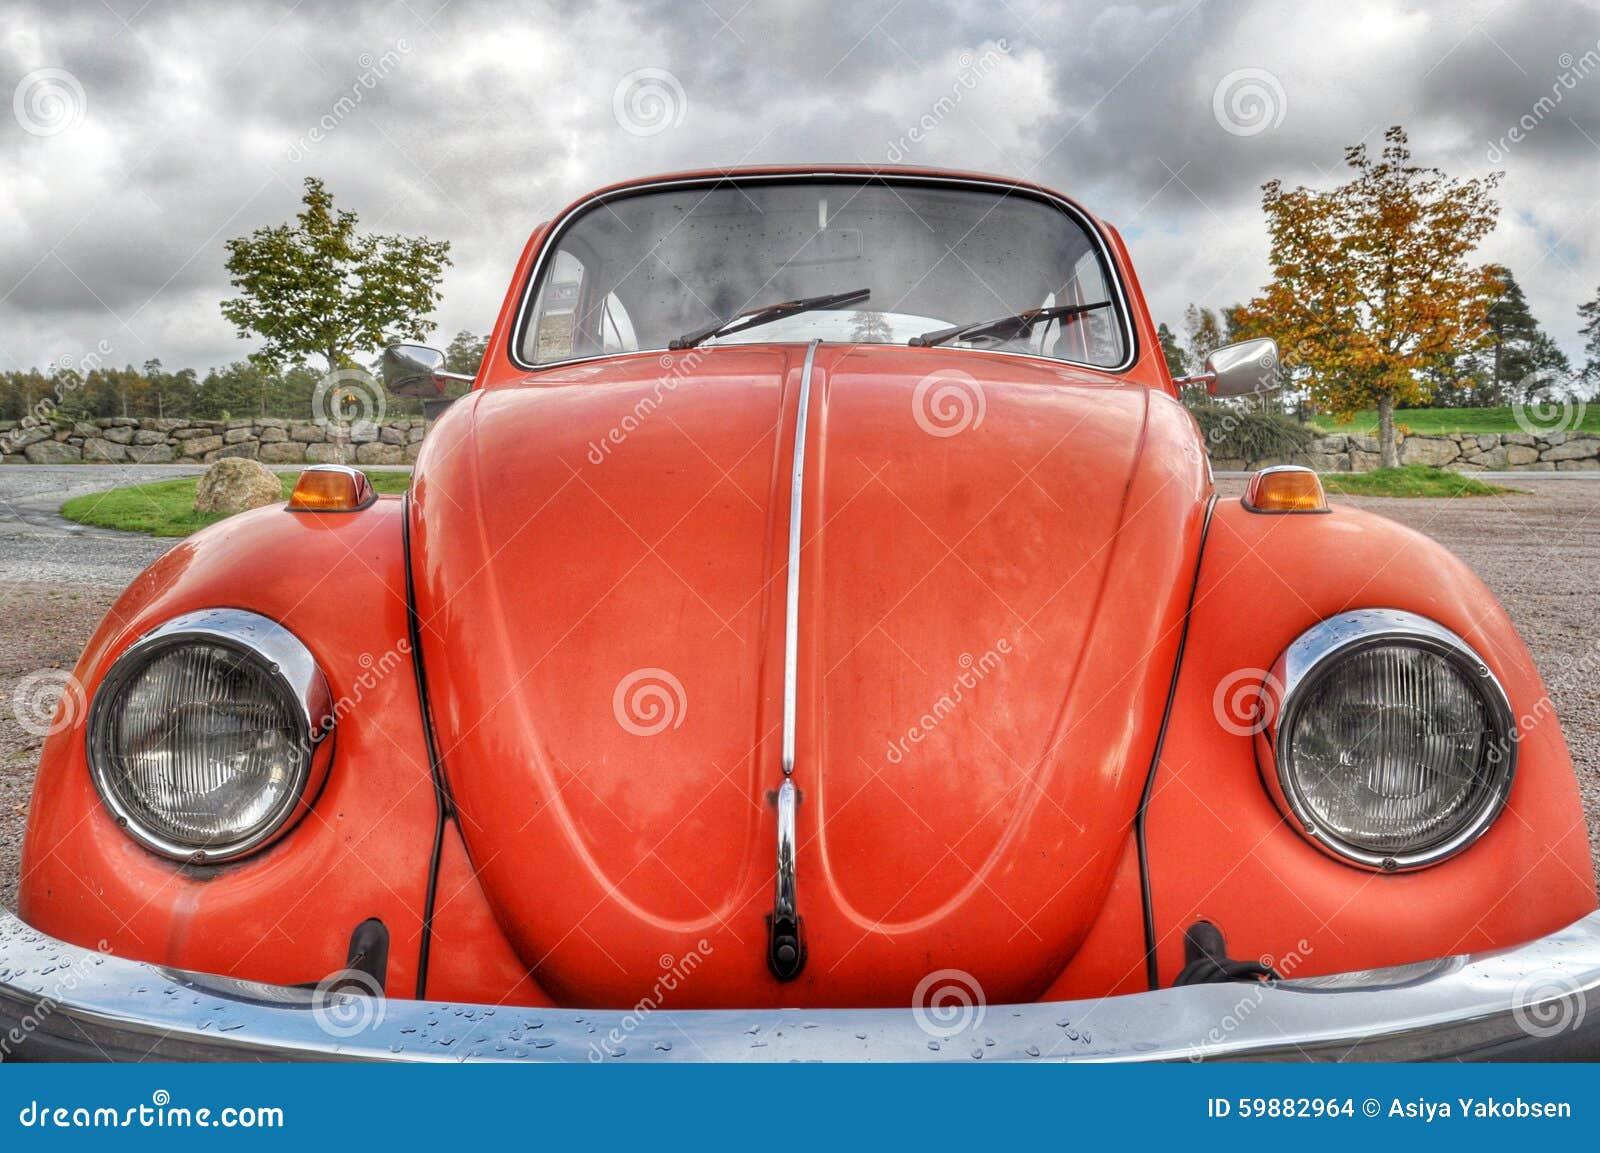 Orange retro car stock photo. Image of orange, bright - 59882964